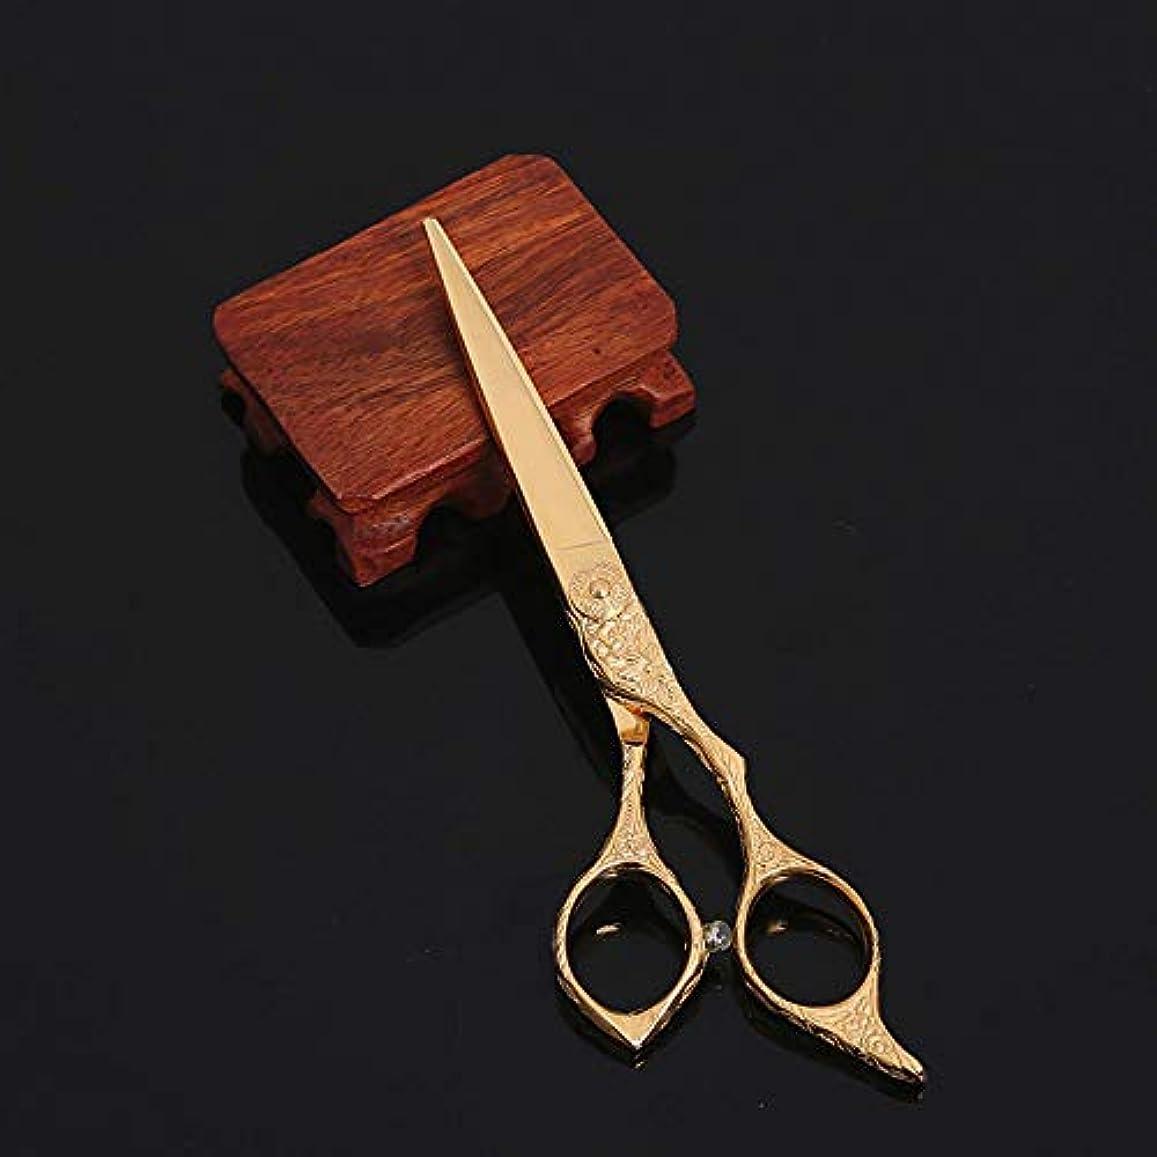 セールステップ泥棒Goodsok-jp 6インチゴールド塗装ハイエンド理髪はさみプロの美容師のはさみ (色 : ゴールド)